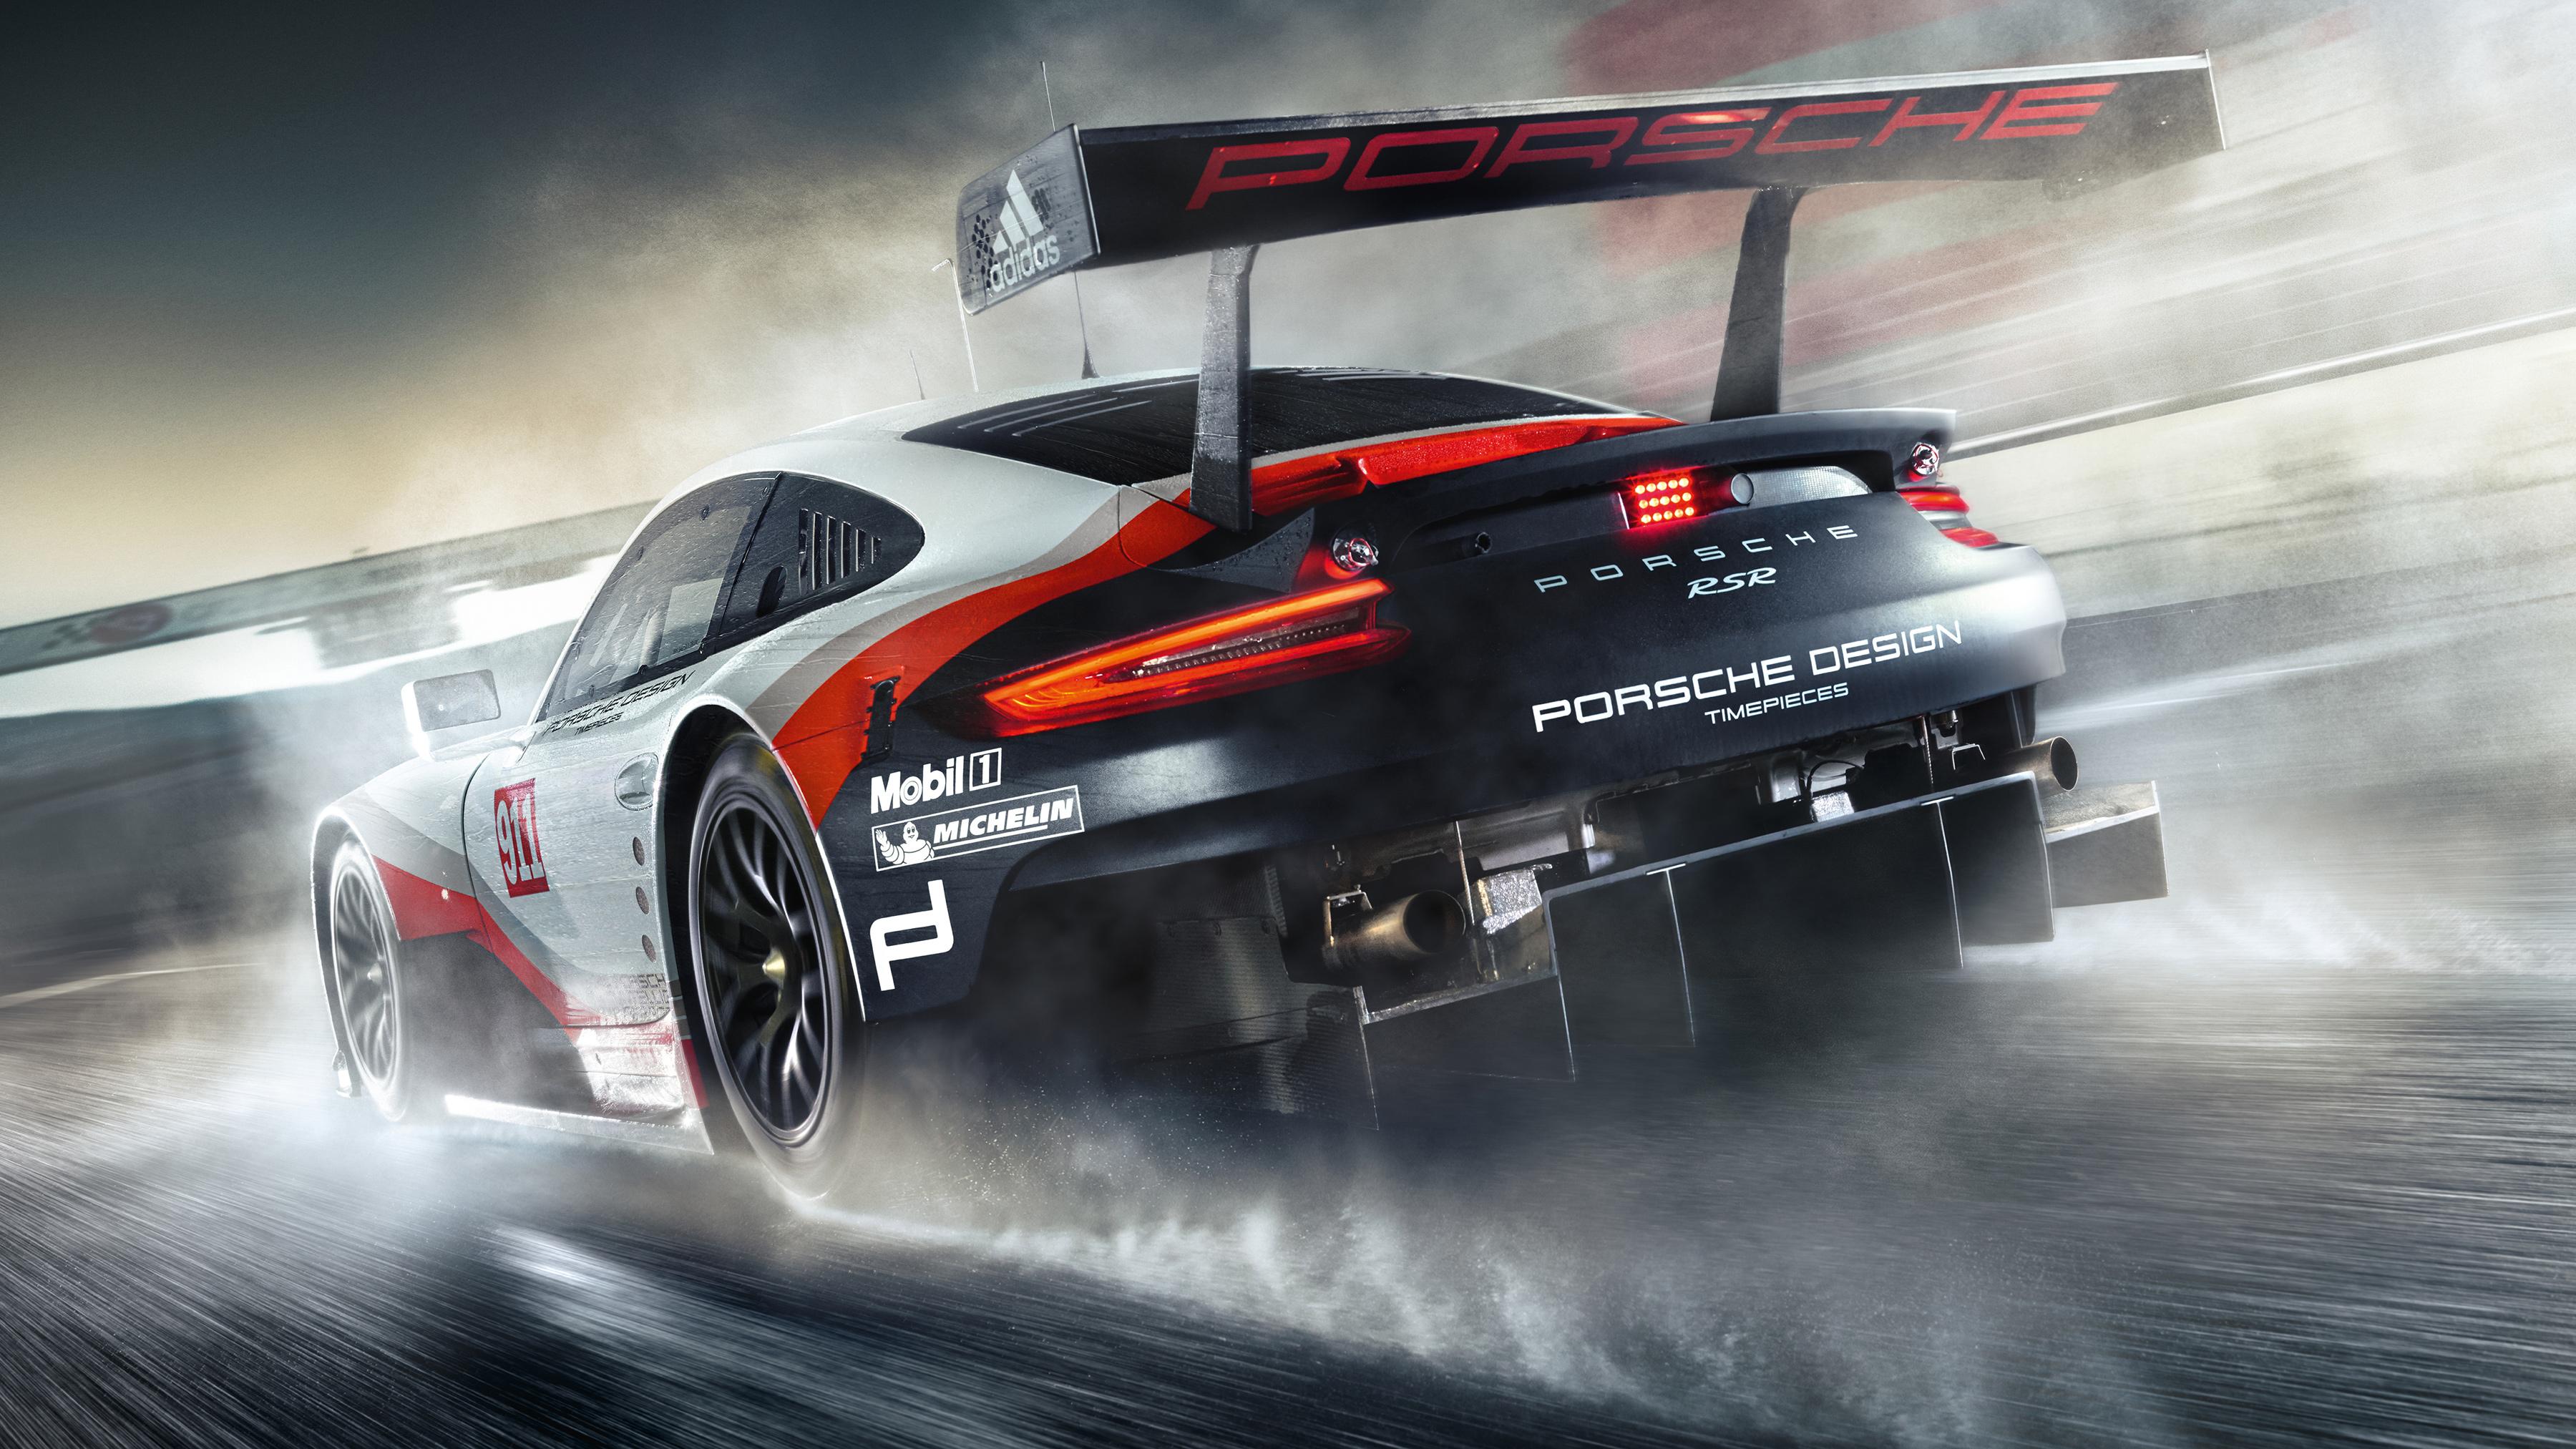 Porsche 911 Rsr Porsche Design 4k Wallpaper Hd Car